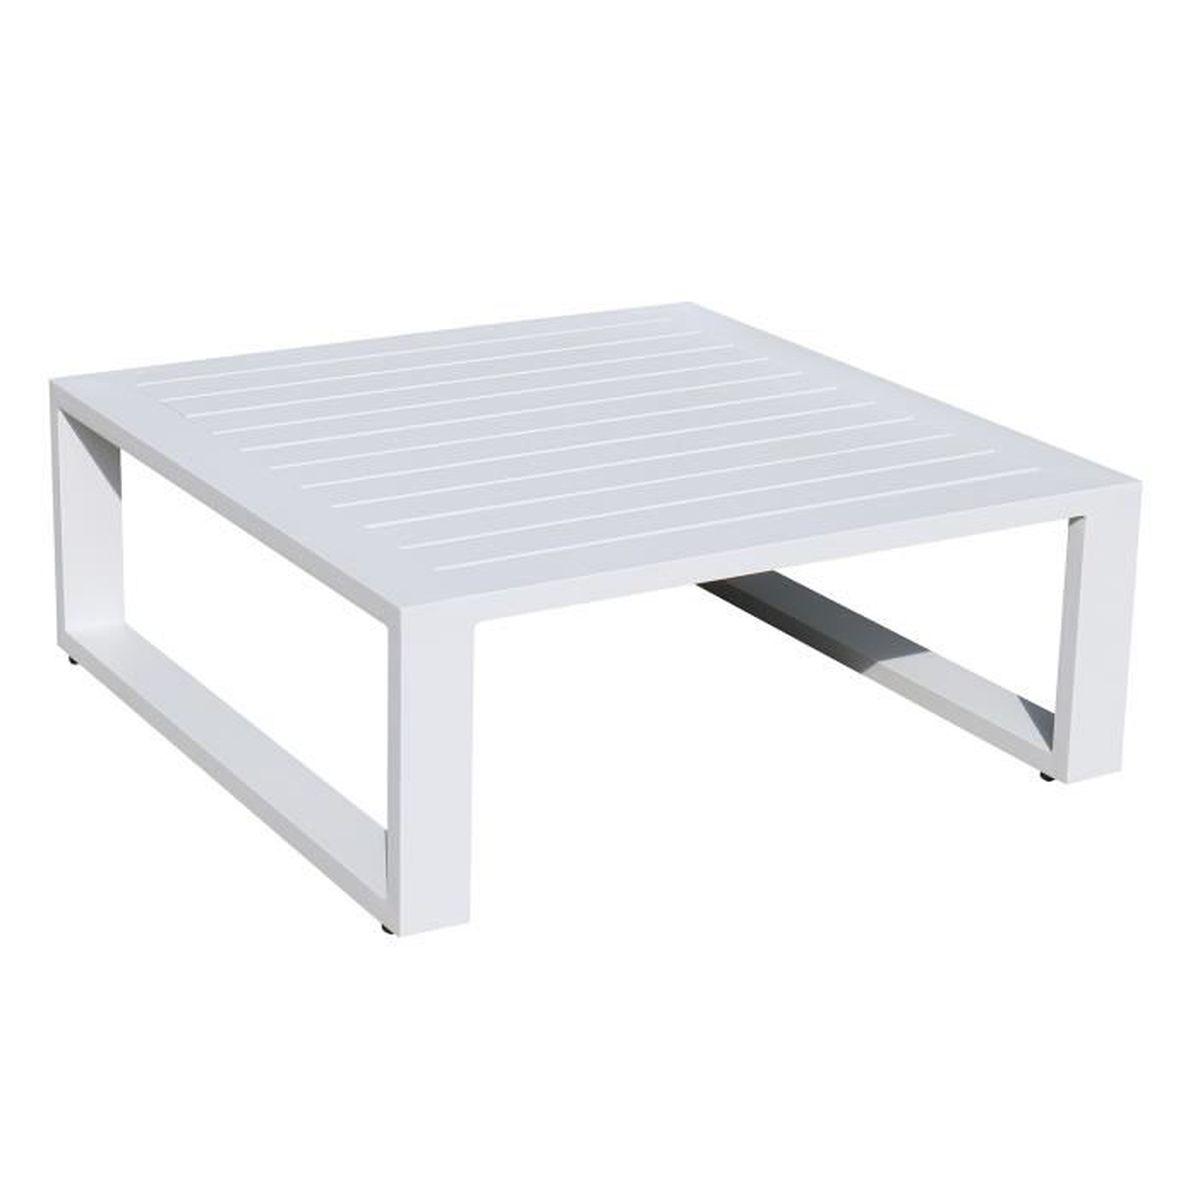 Table basse 6 x 6 en alu blanc Eléra - Achat / Vente table basse